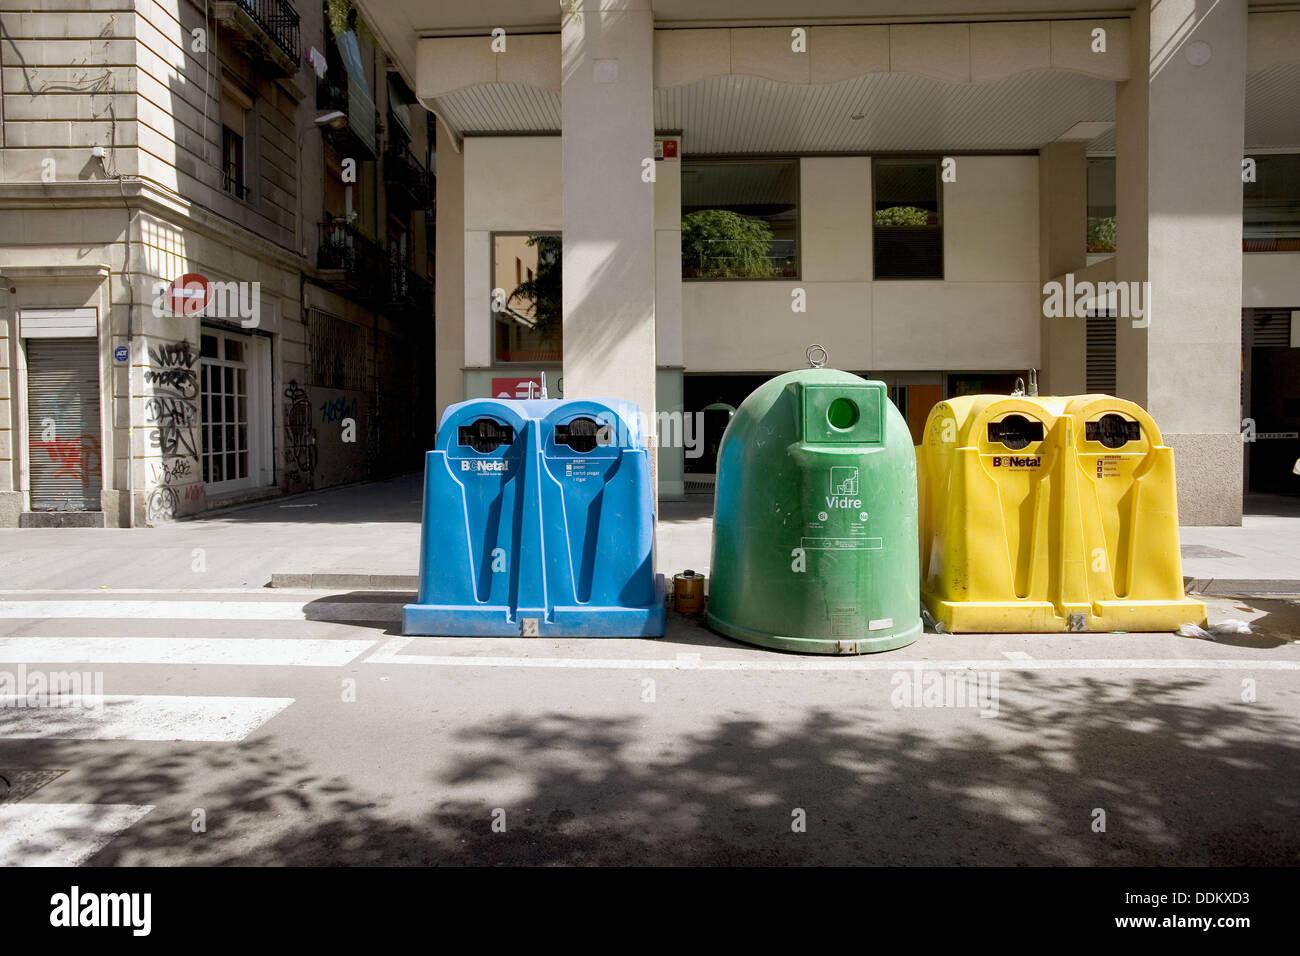 Contenedores para reciclar papel, plástico y vidrio. Barcelona. España. Imagen De Stock